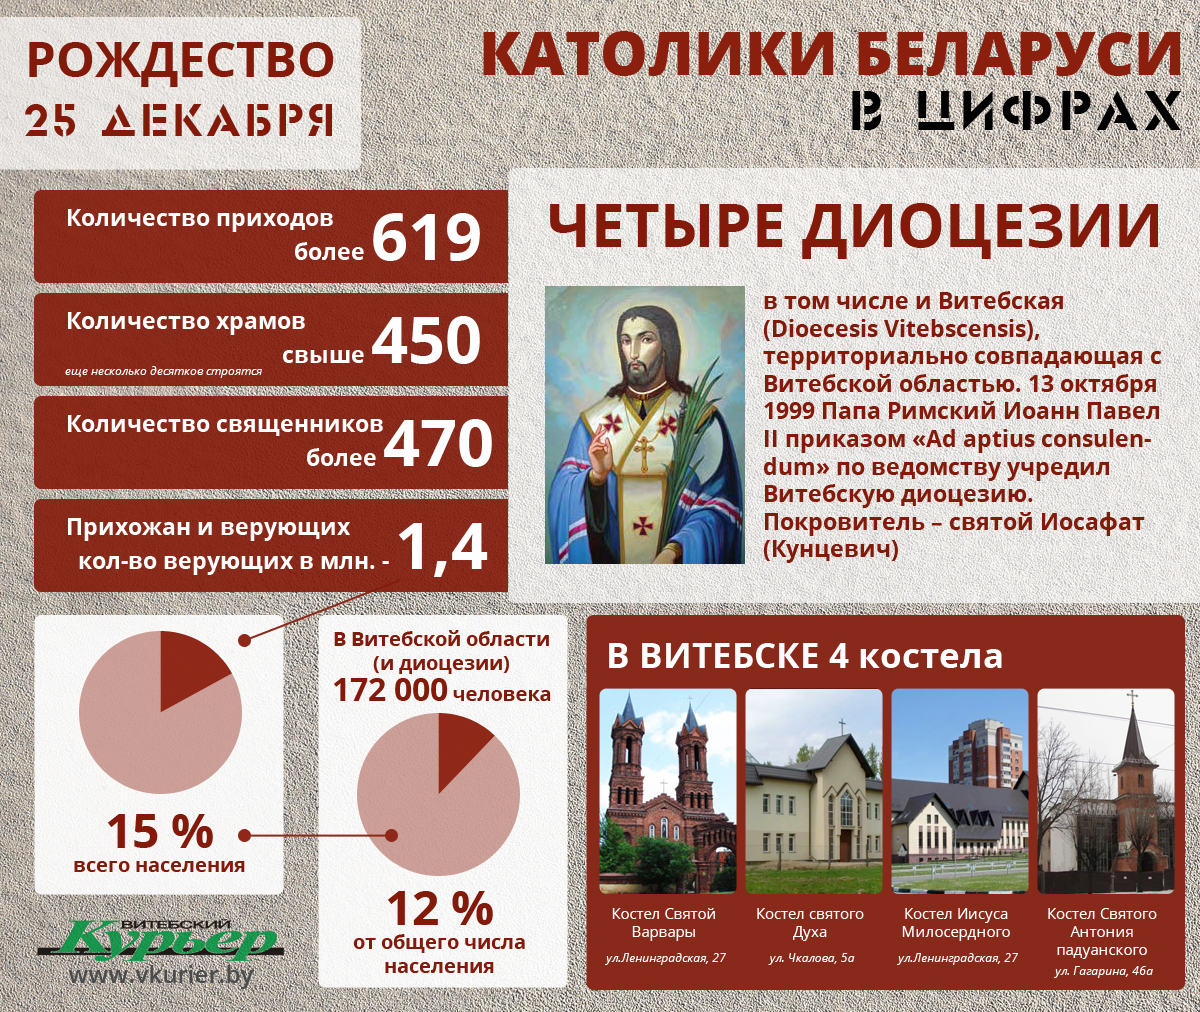 Католики в цифрах (133)